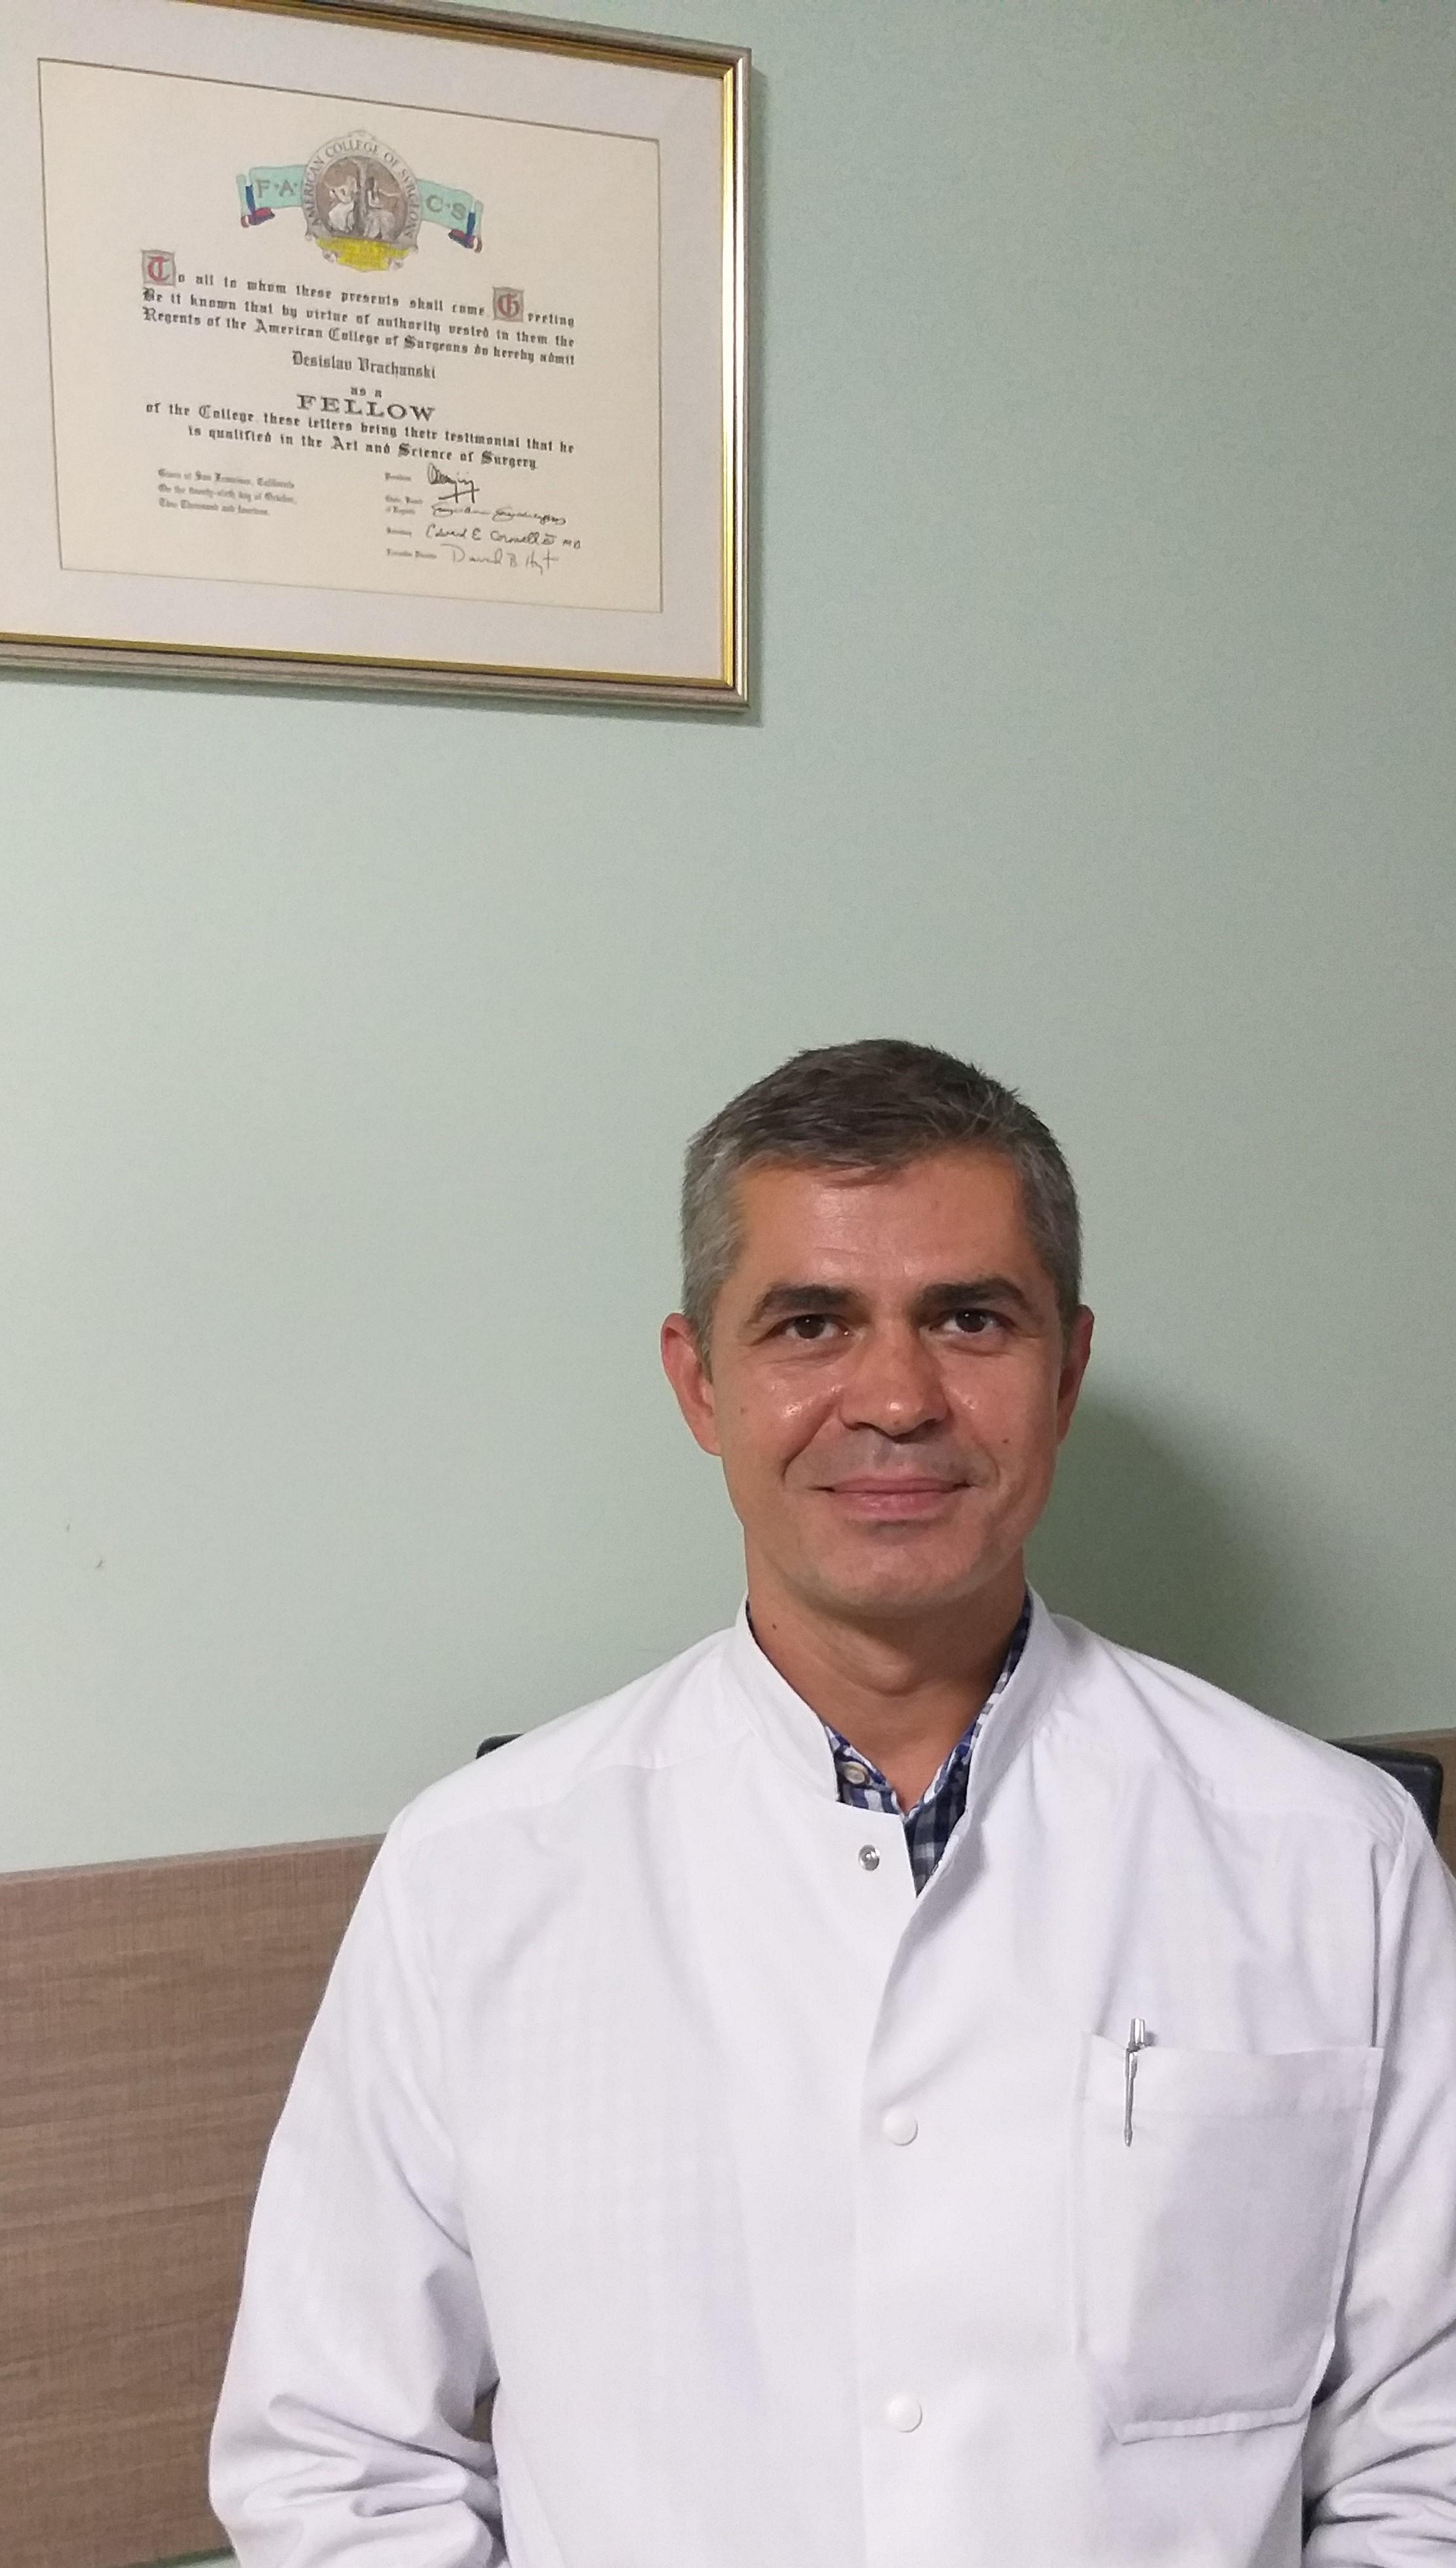 Златният стандарт в лечението ранен белодробен карцином е мини-инвазивната хирургия